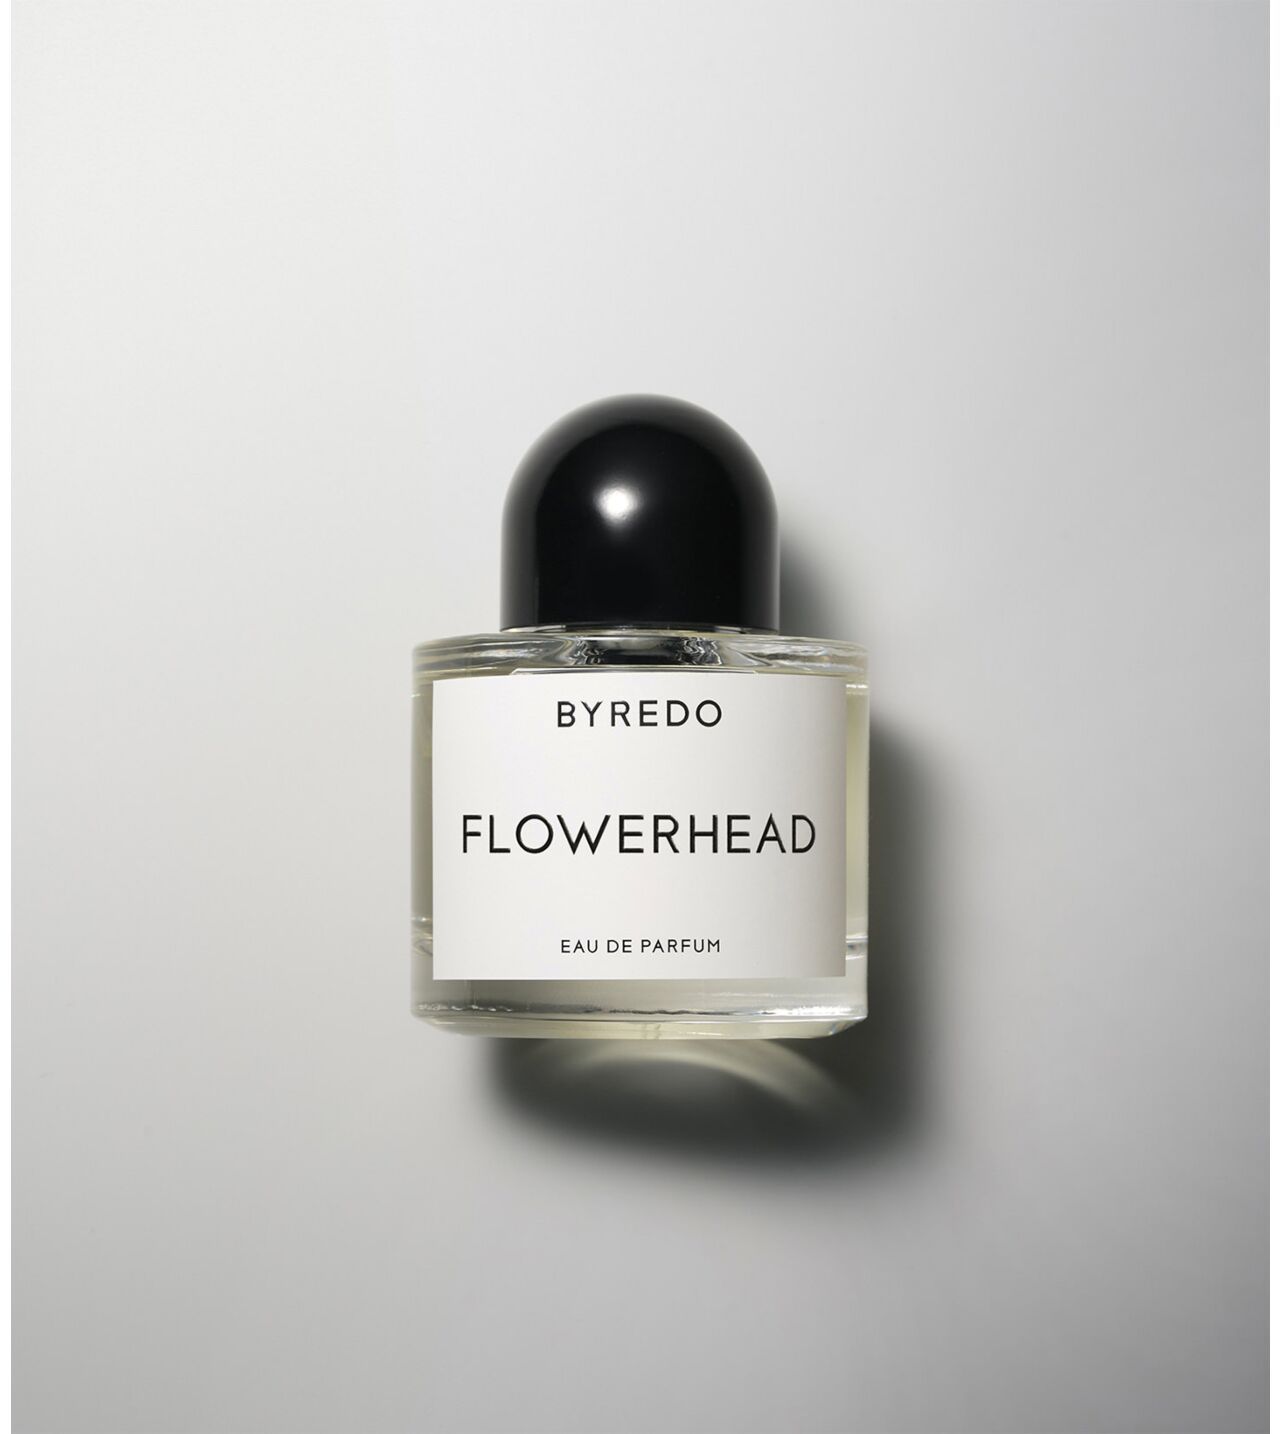 Picture of Byredo Flowerhead Eau de Parfum